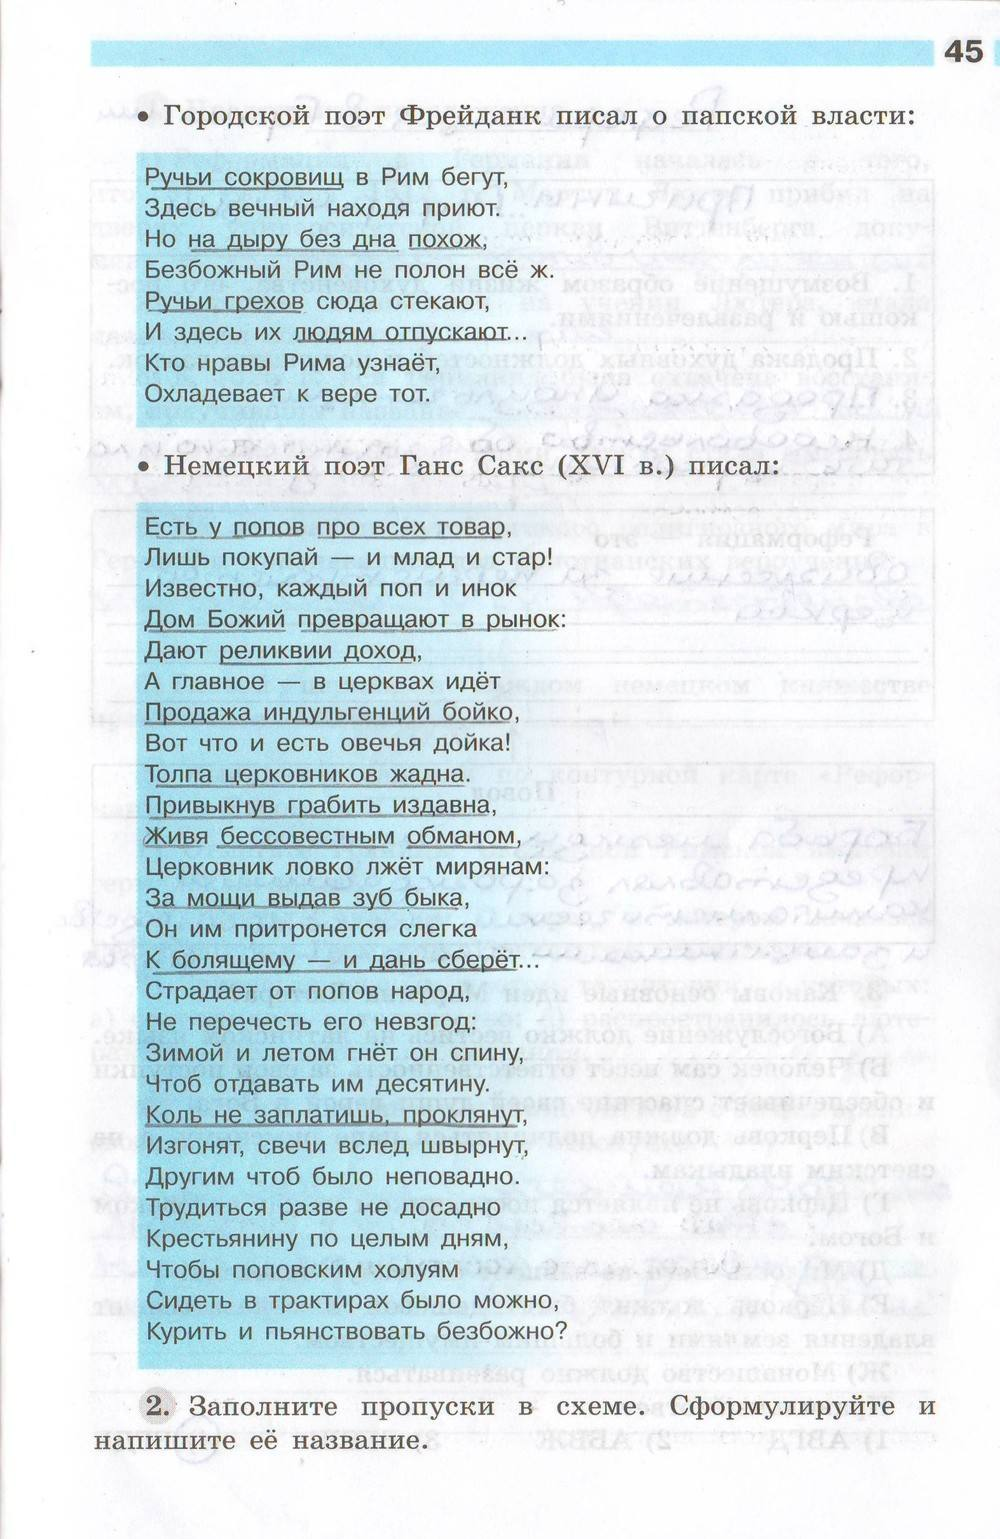 Истории учебнику решебник баранов класс по 7